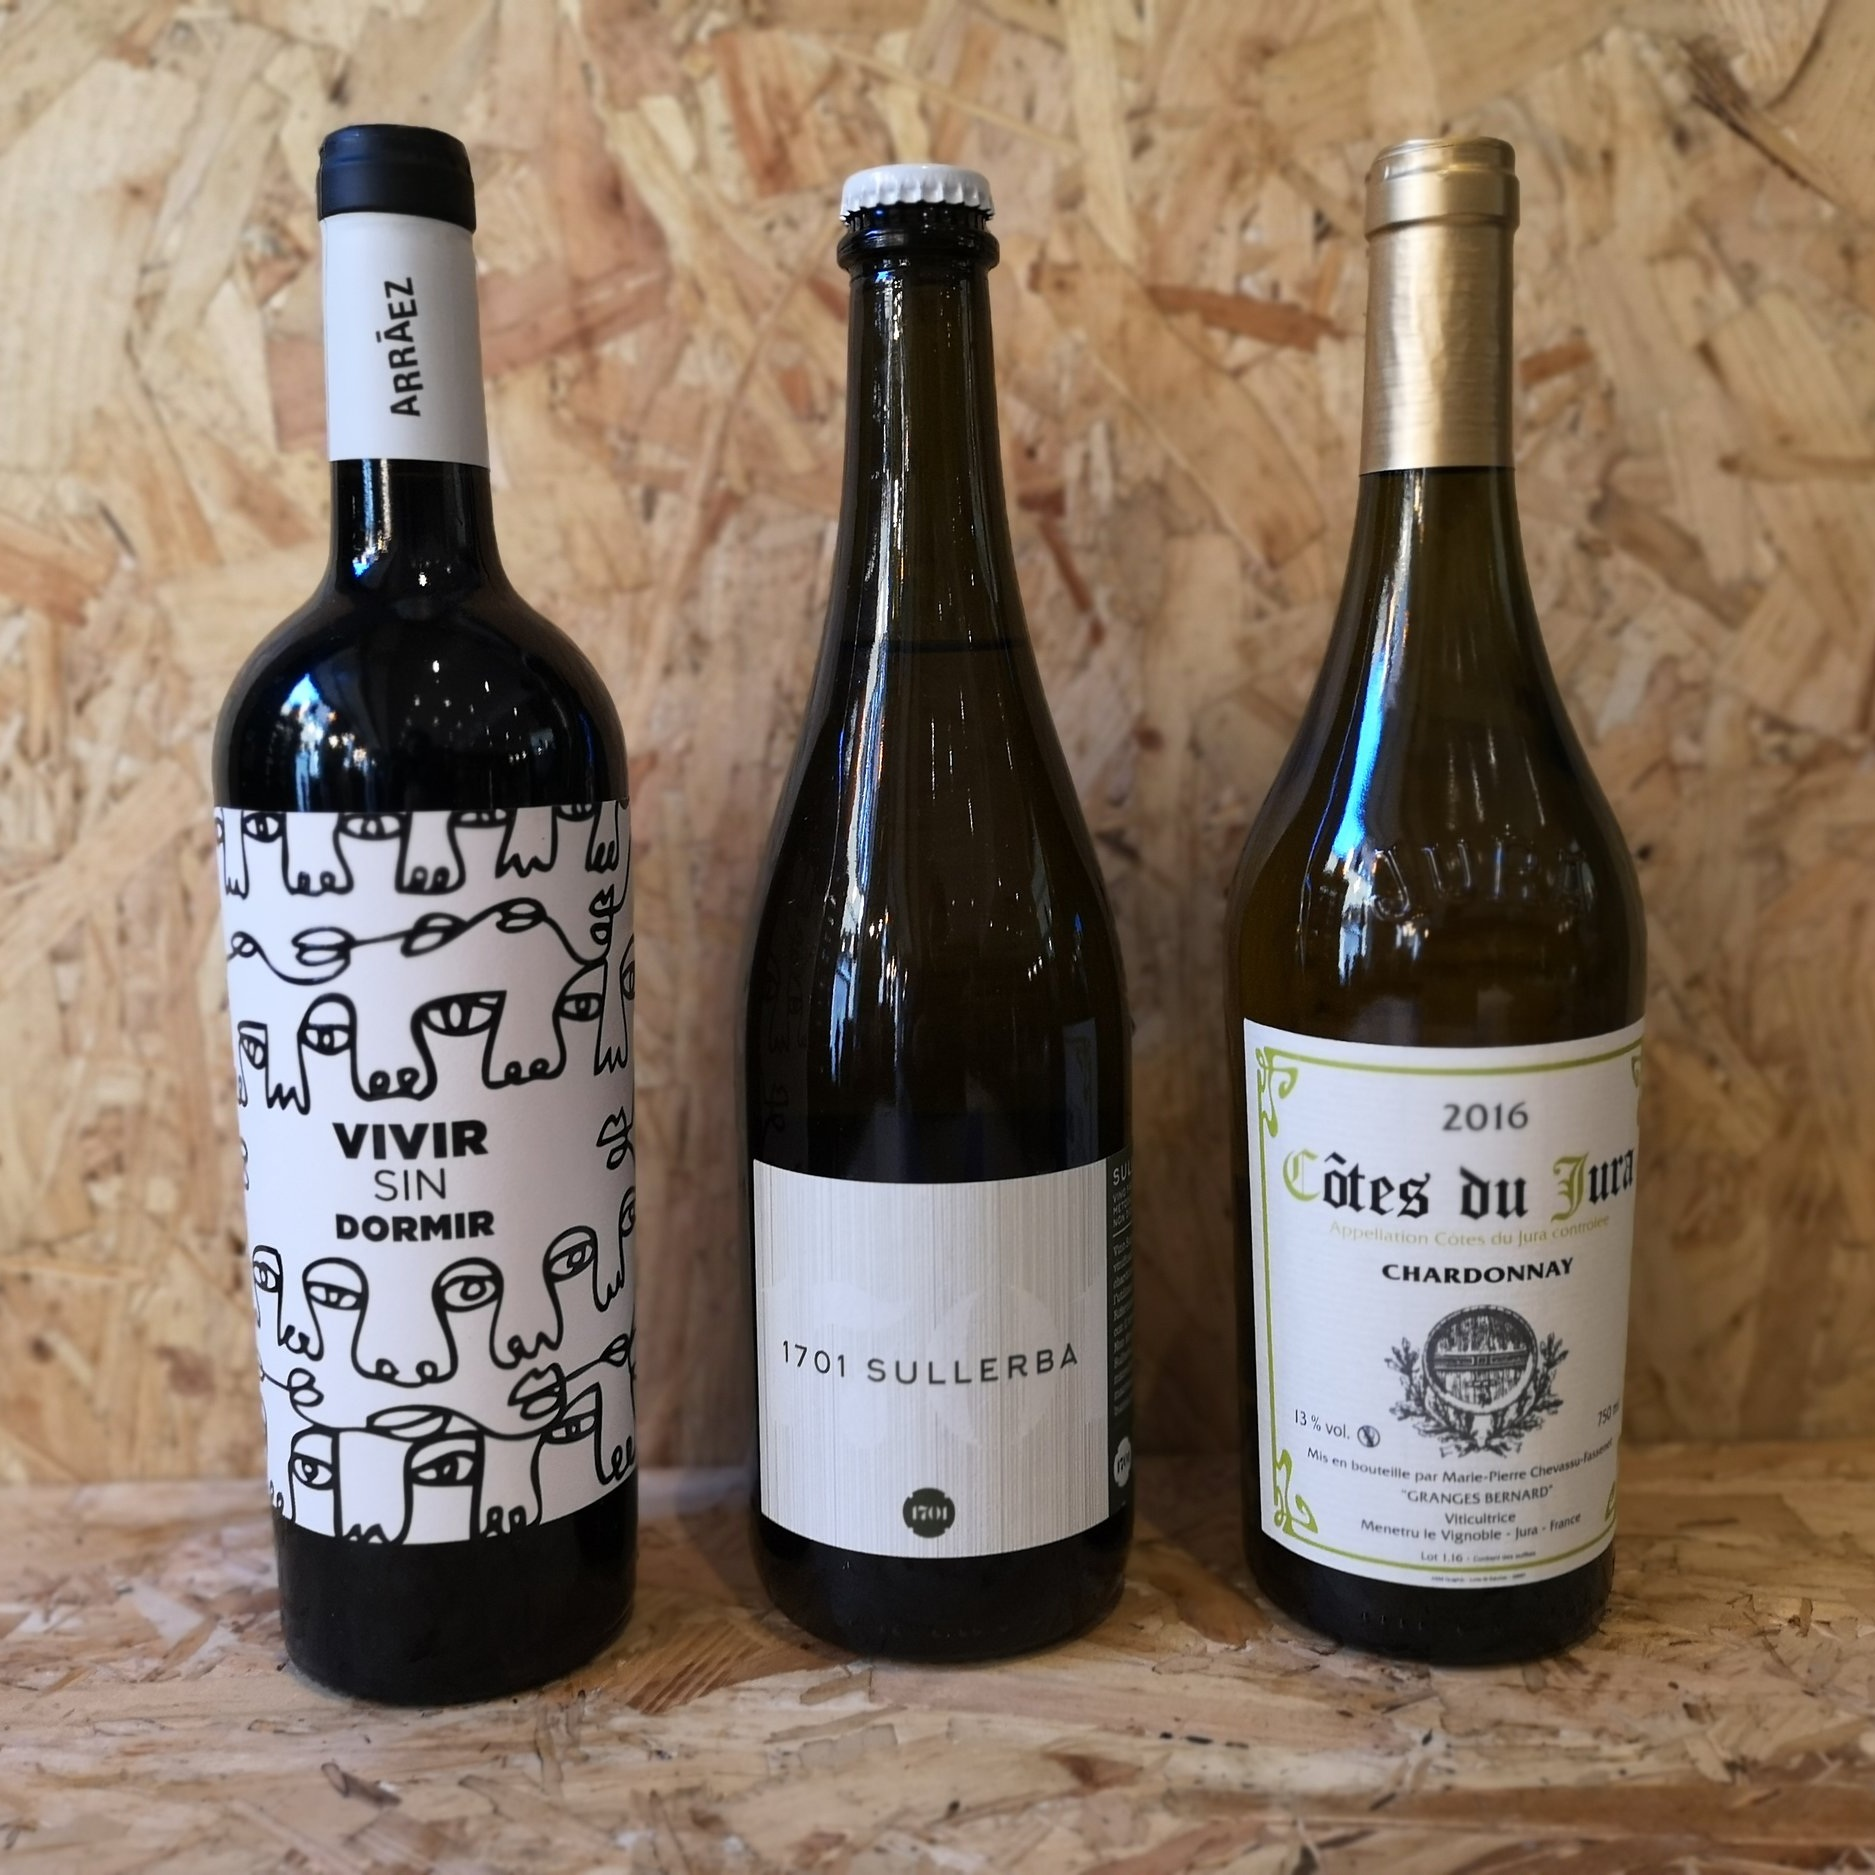 wine-bottle-shop-kingston-upon-thames